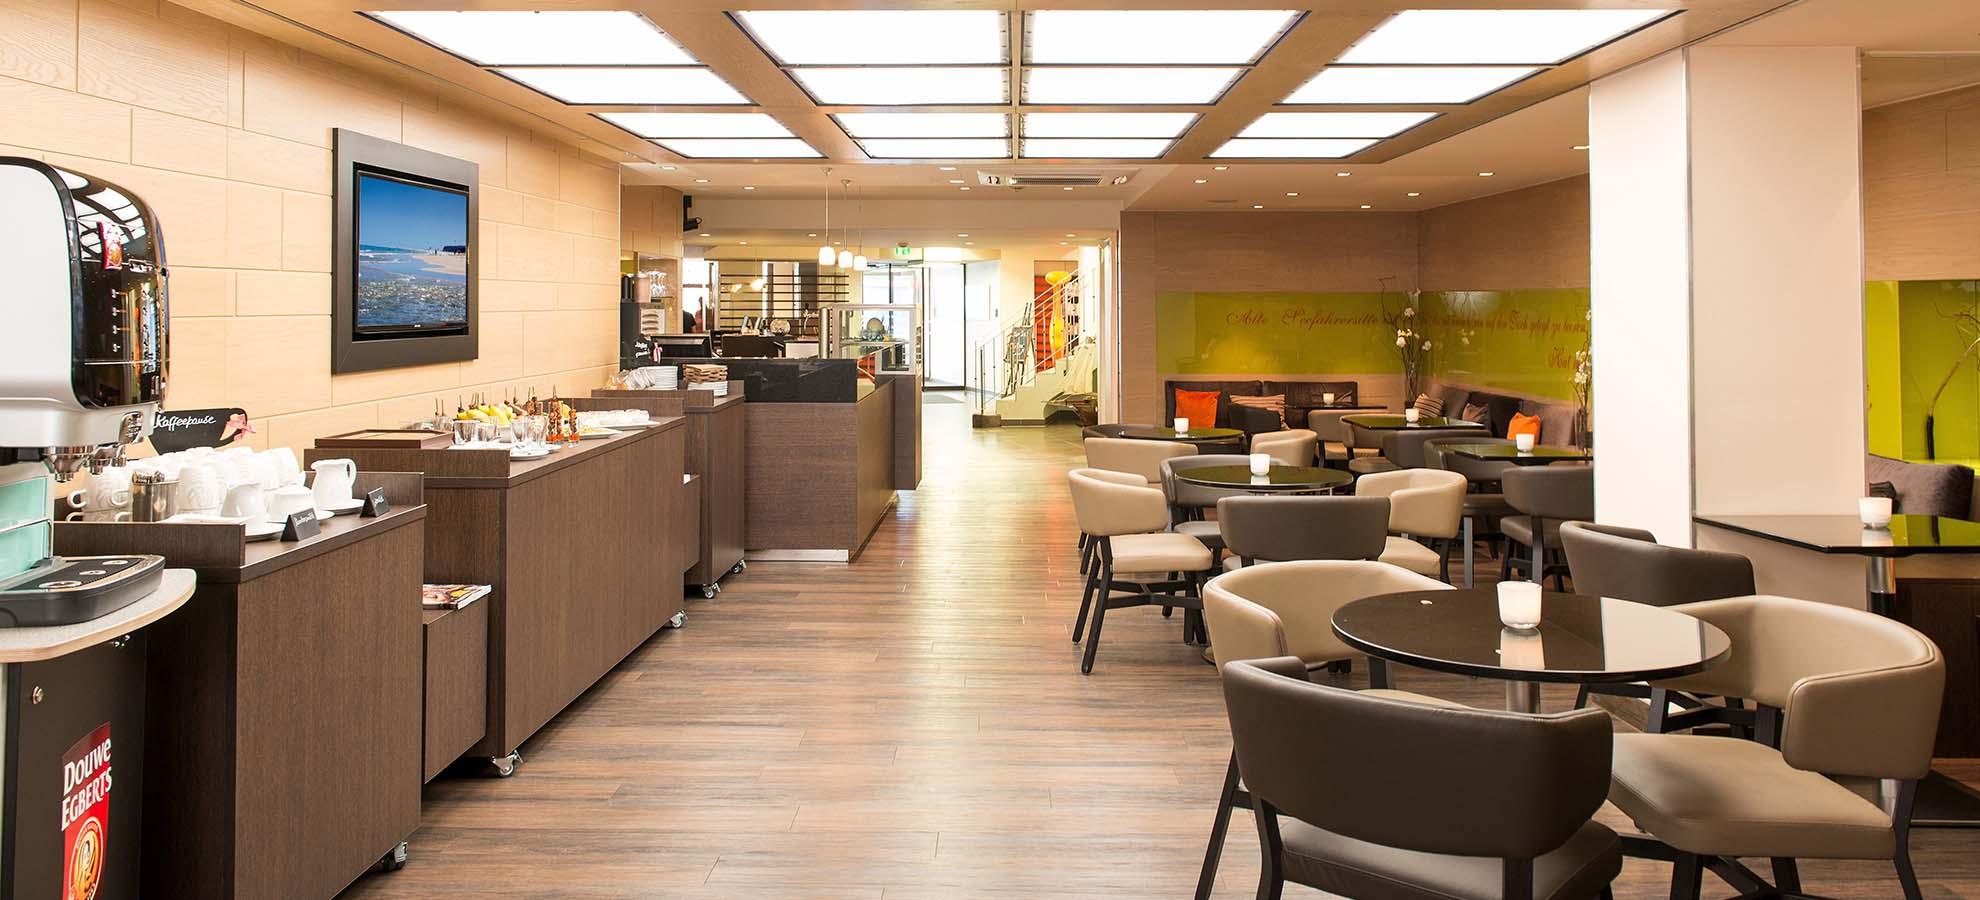 Hotel Lyskirchen Lobby